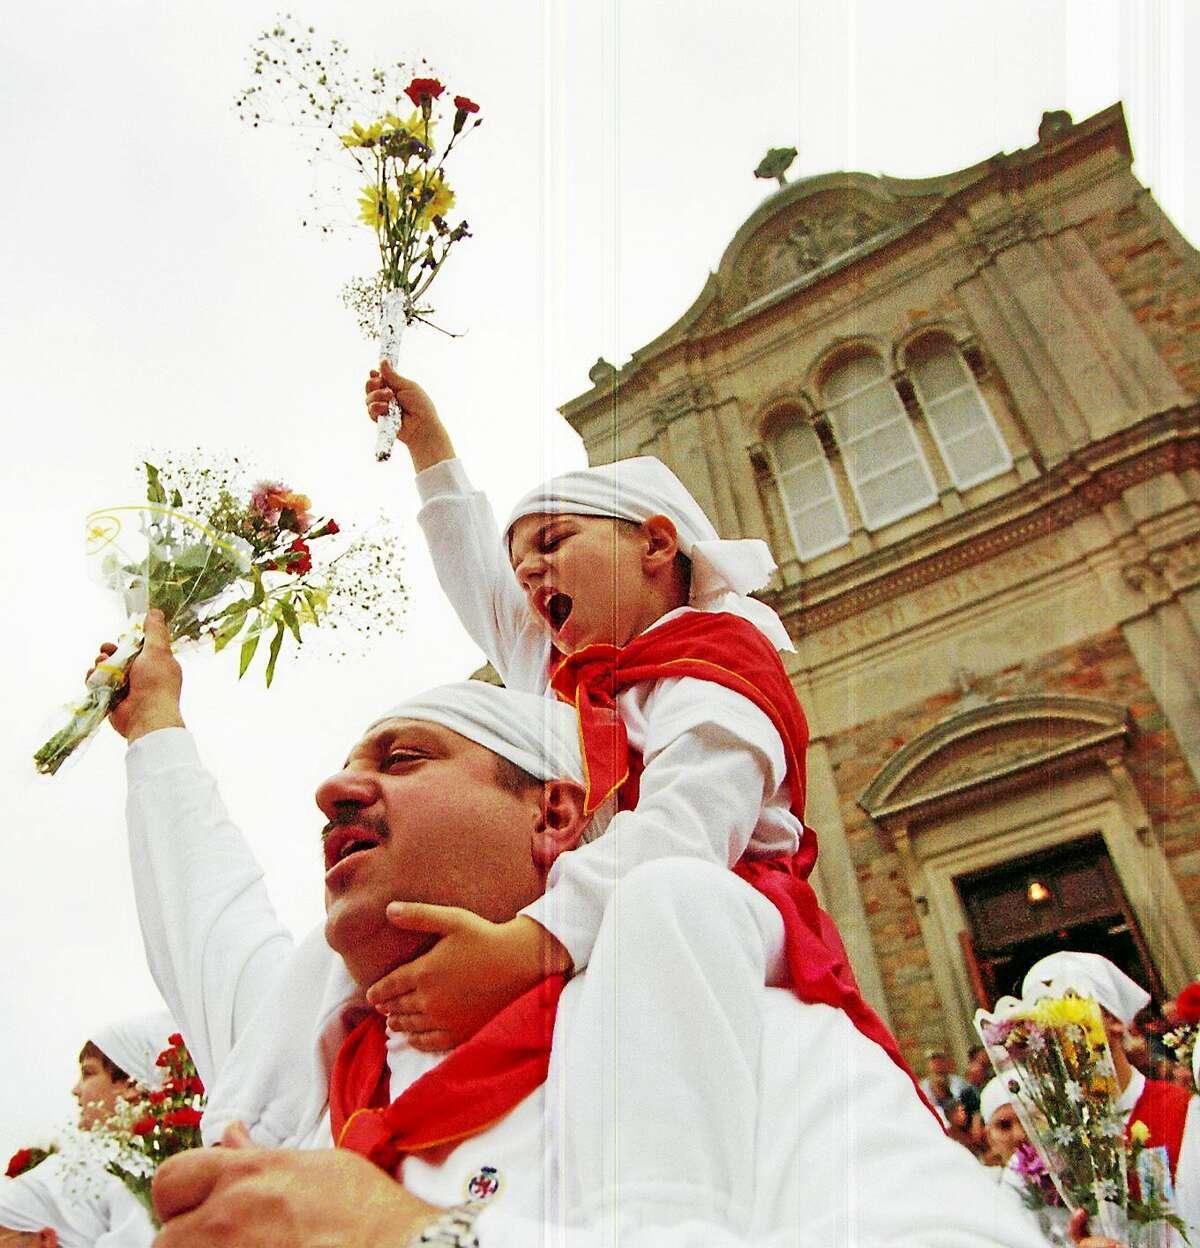 The 2014 Feast of St. Sebastian in Middletown